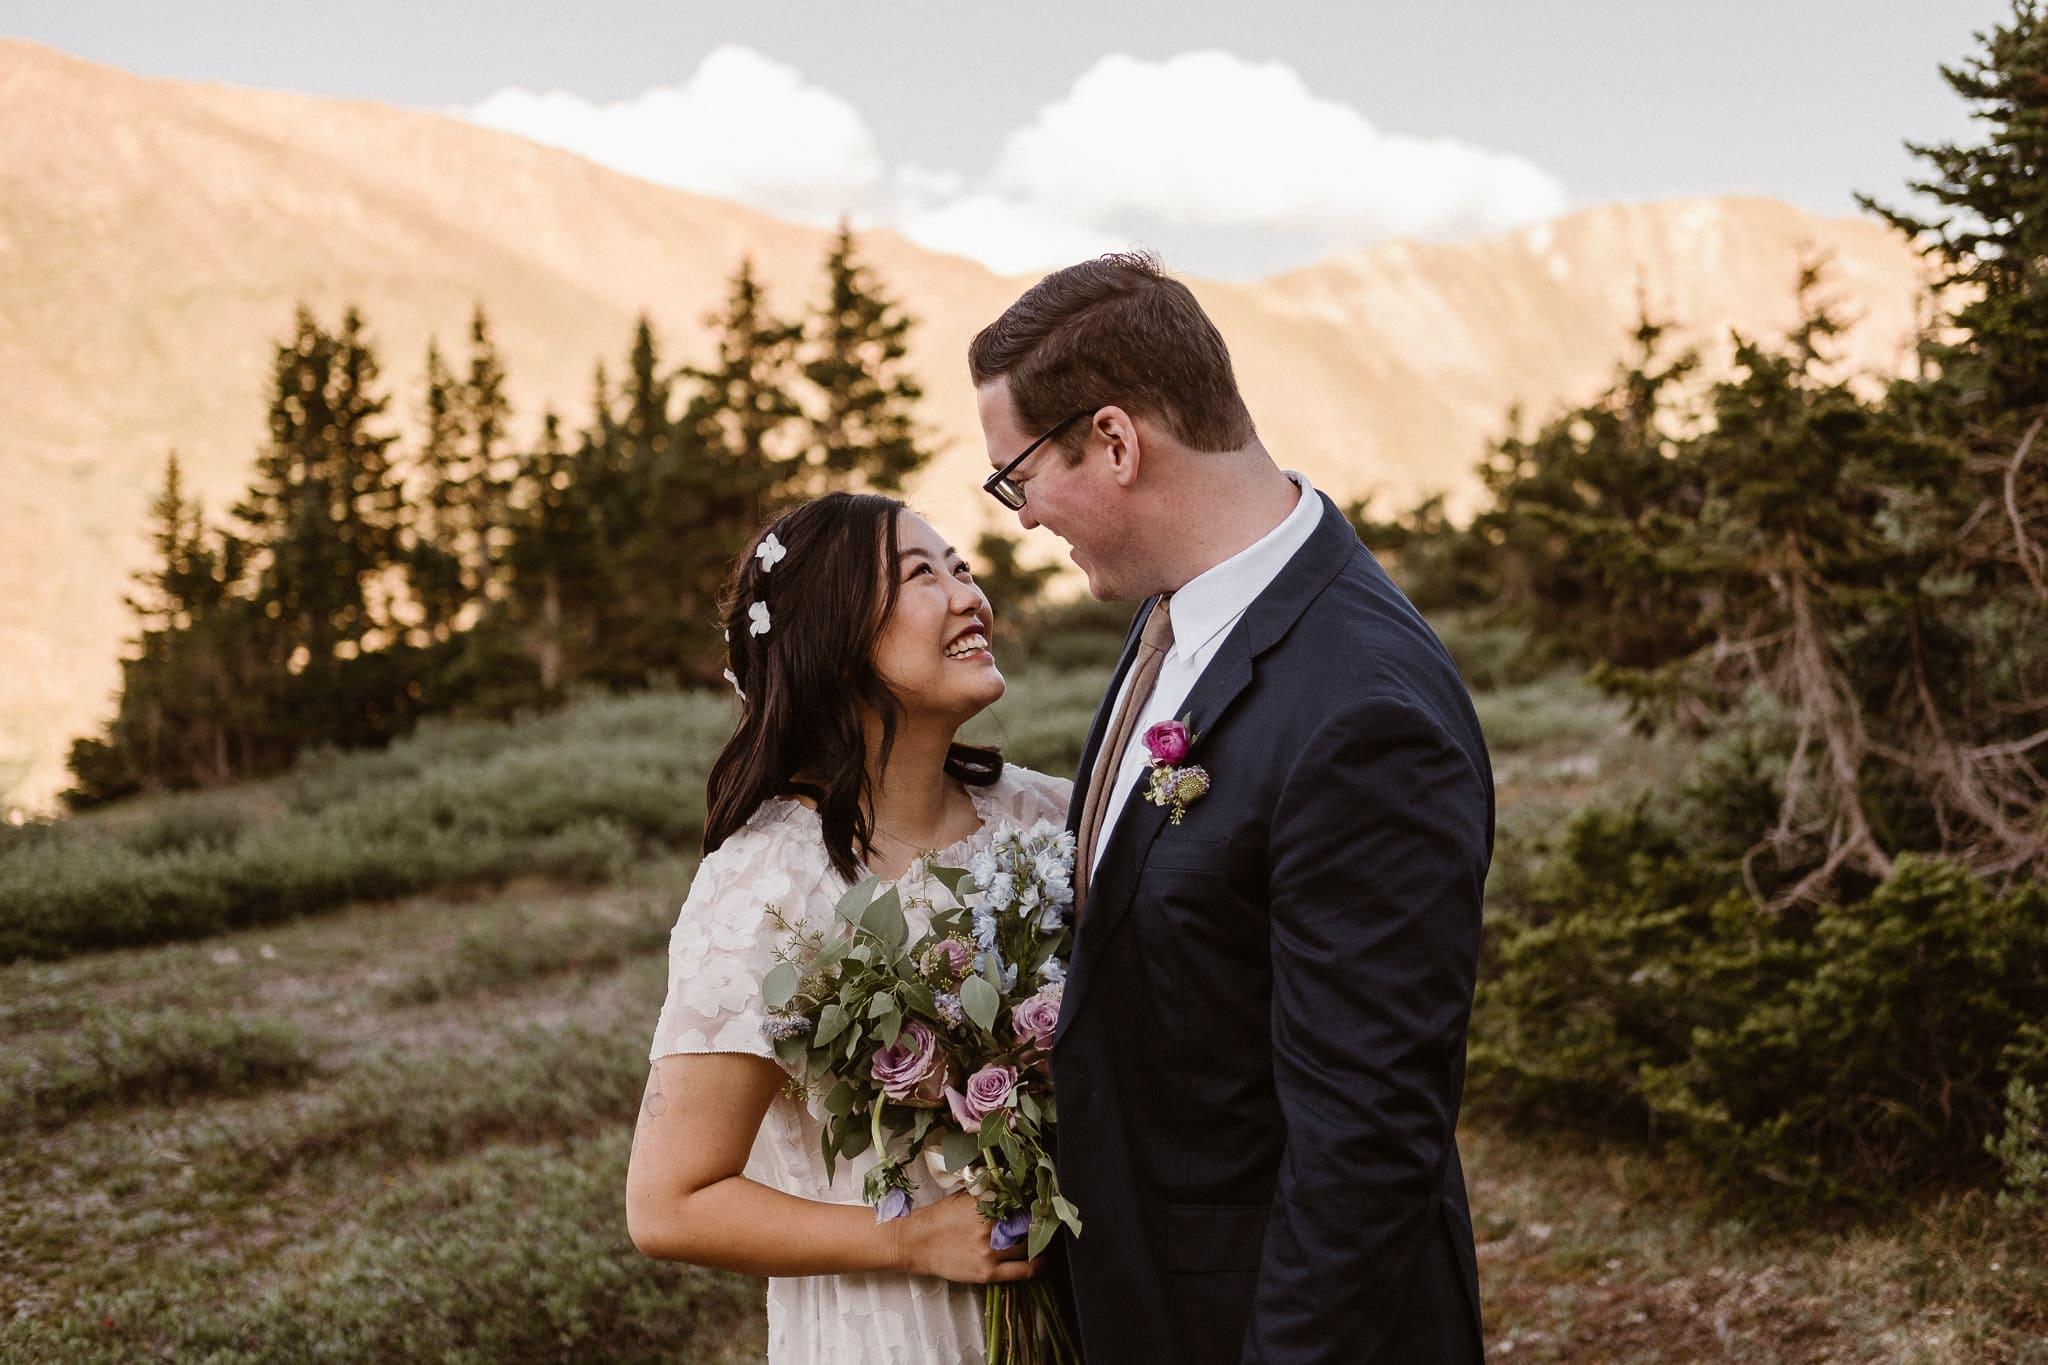 Loveland Pass Elopement, Colorado adventure wedding photographer